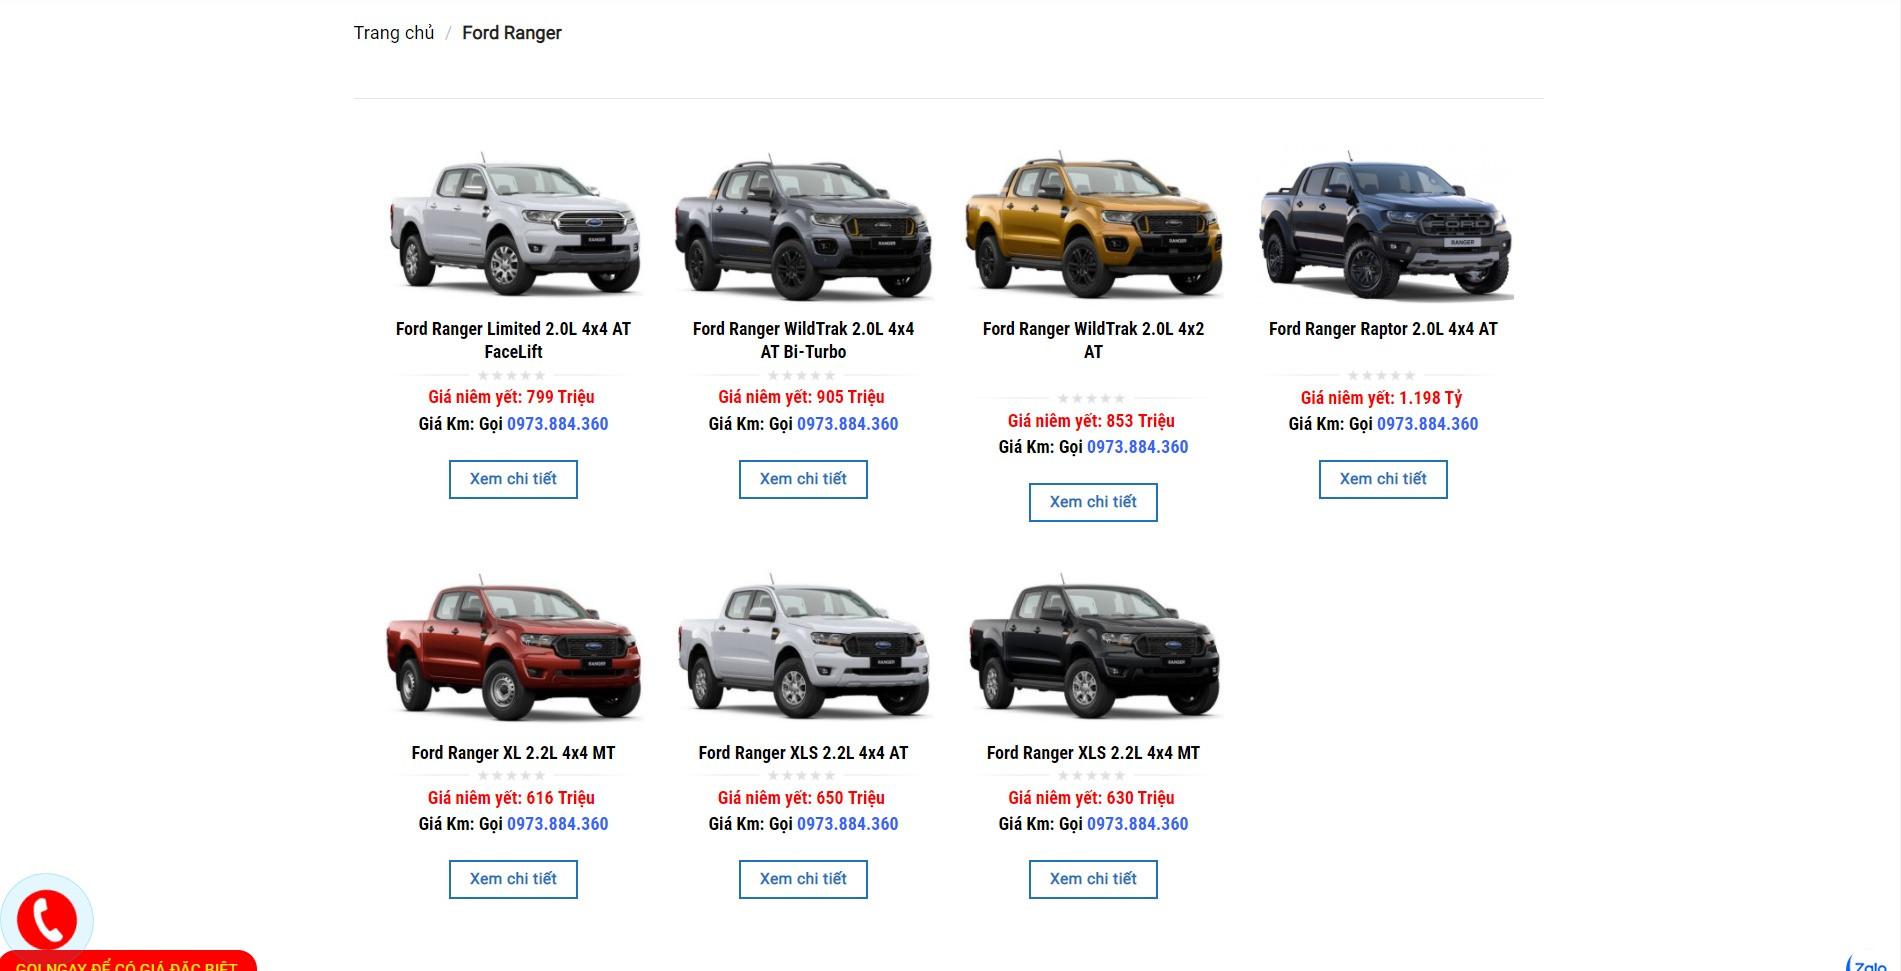 Trang danh sách sản phẩm của dòng Ford Ranger